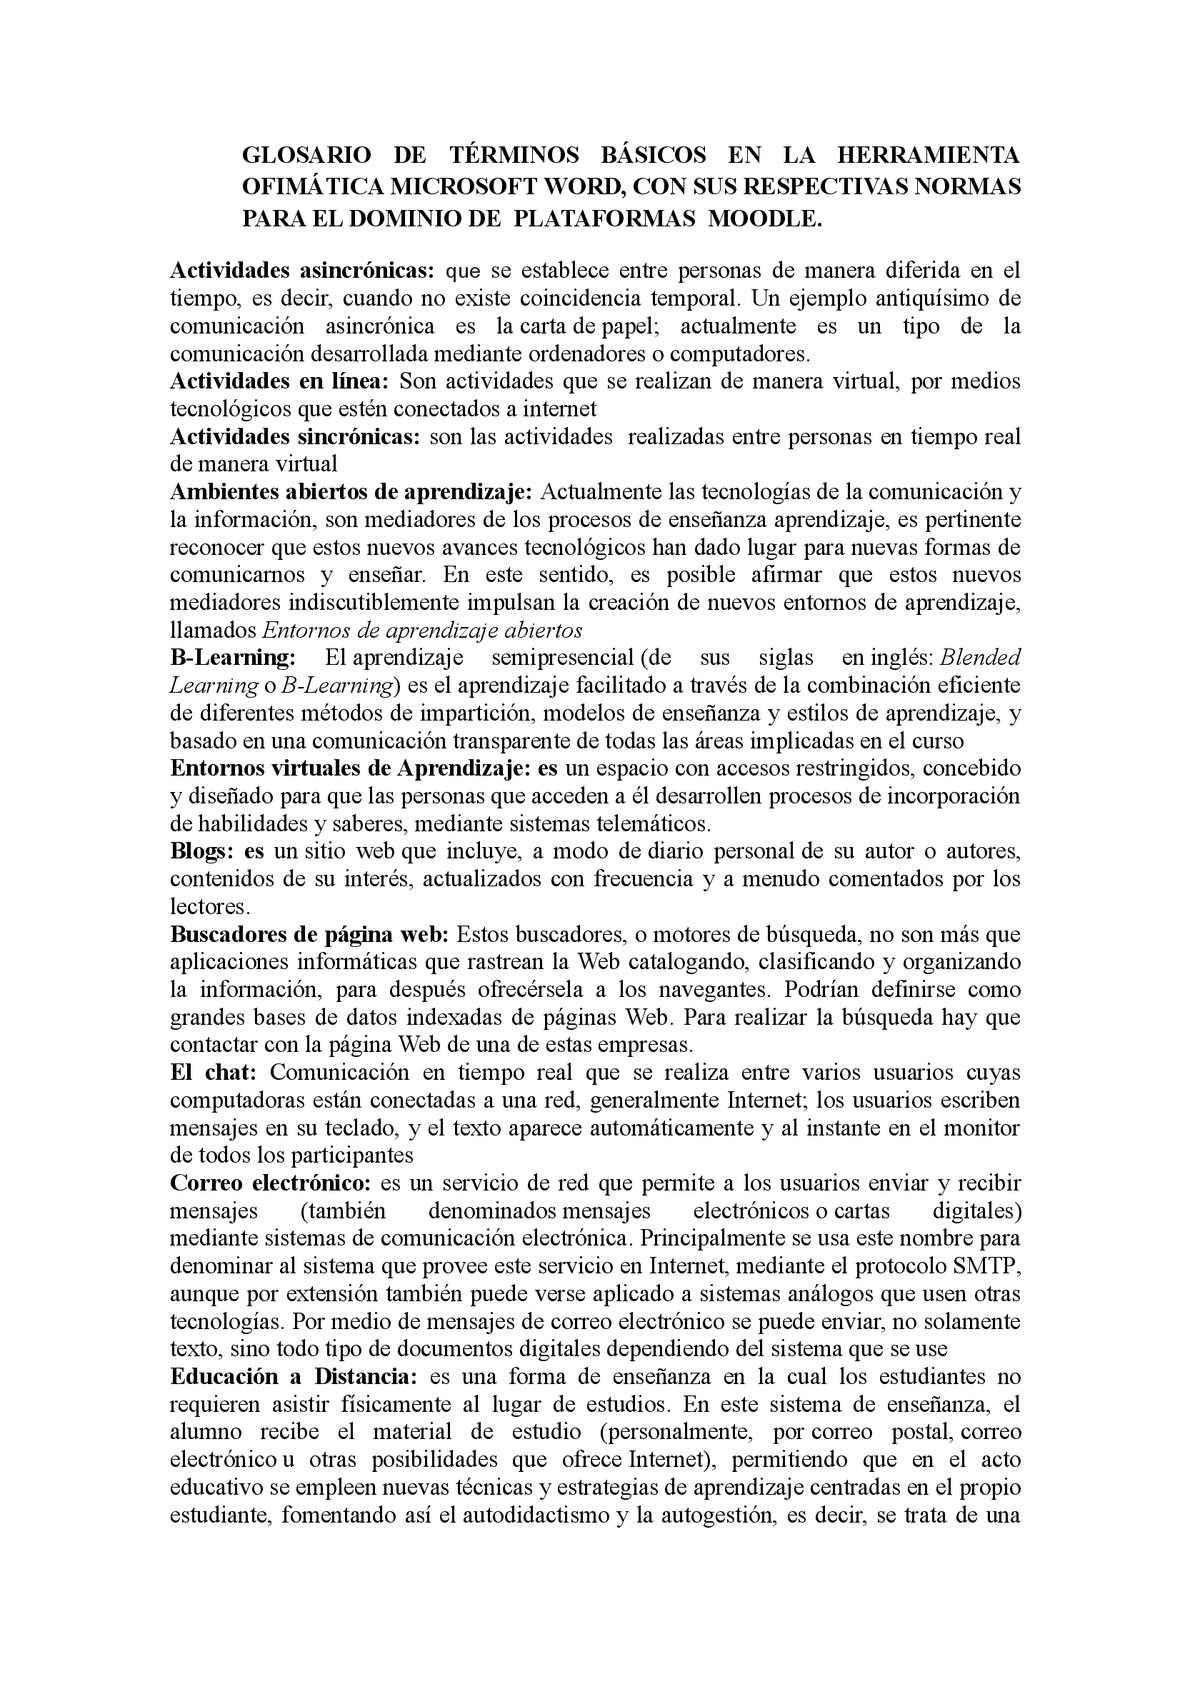 Glosario De Términos Básicos En La Herramienta Ofimática Microsoft Word Cesar Peña